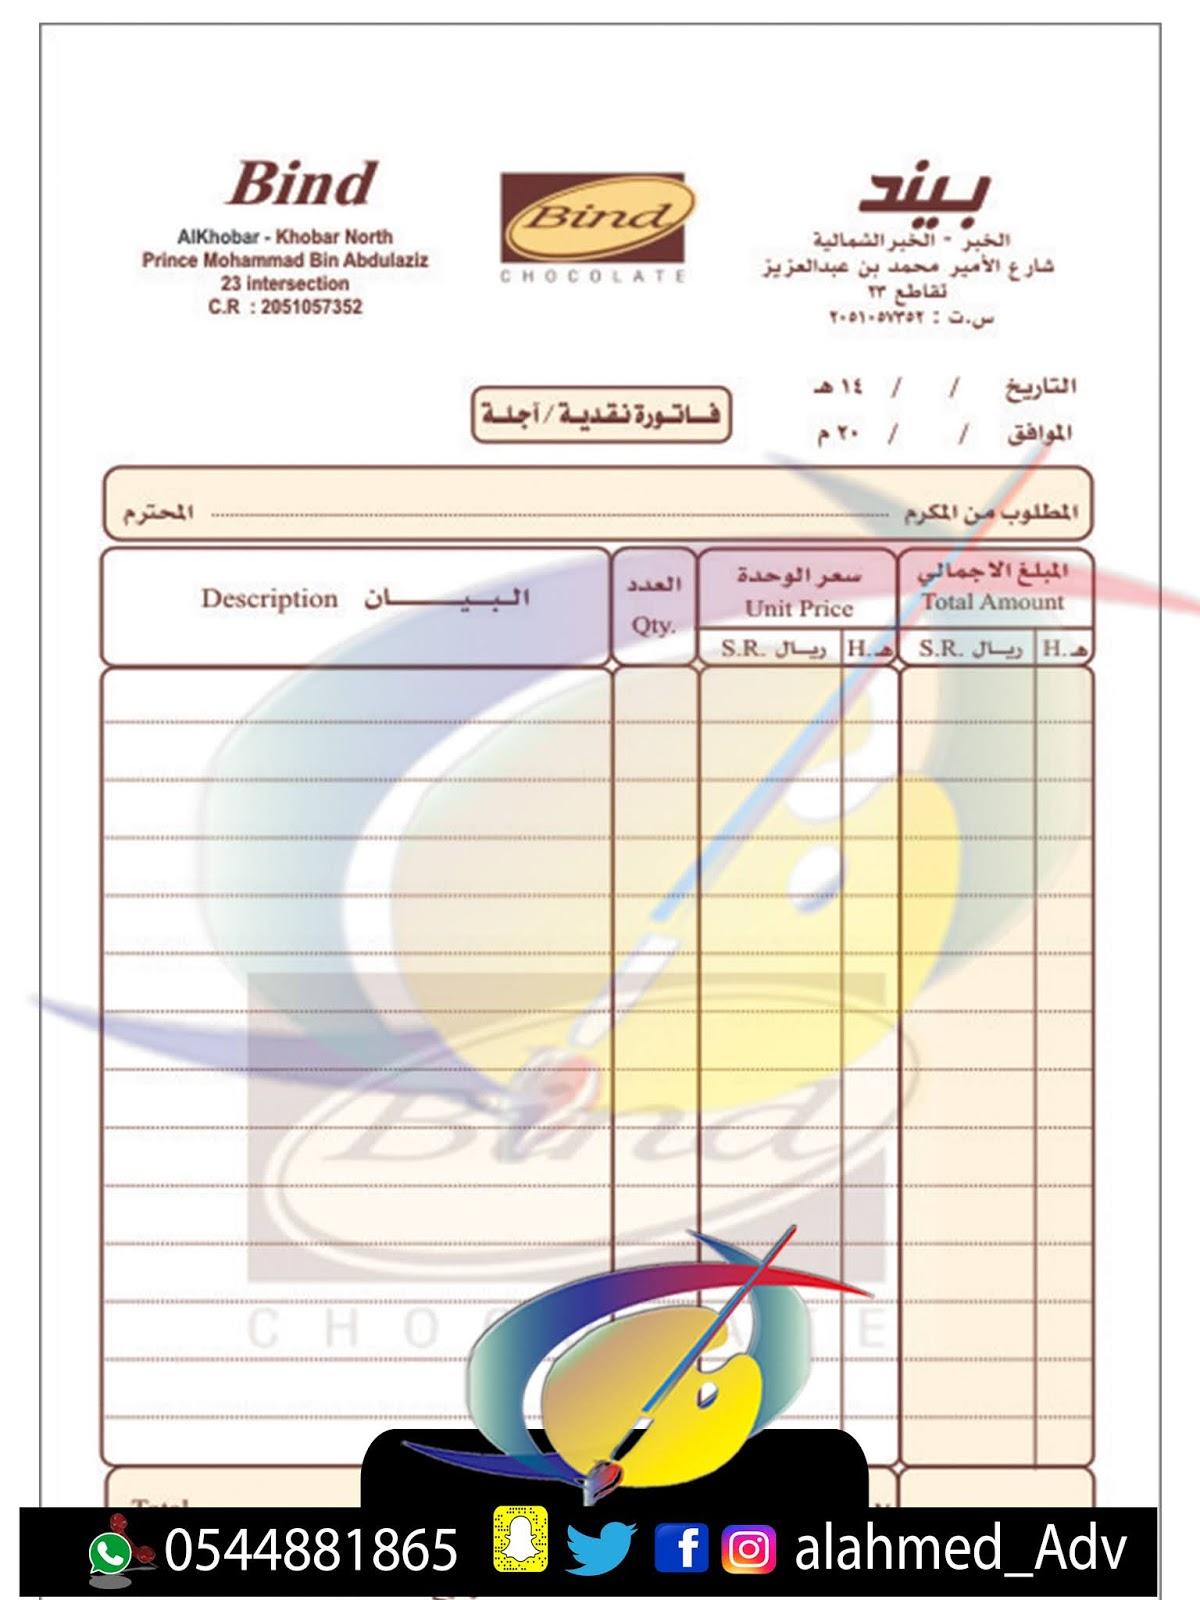 تصميم وطباعة جميع انواع الفواتير والسندات والأوراق الرسمية